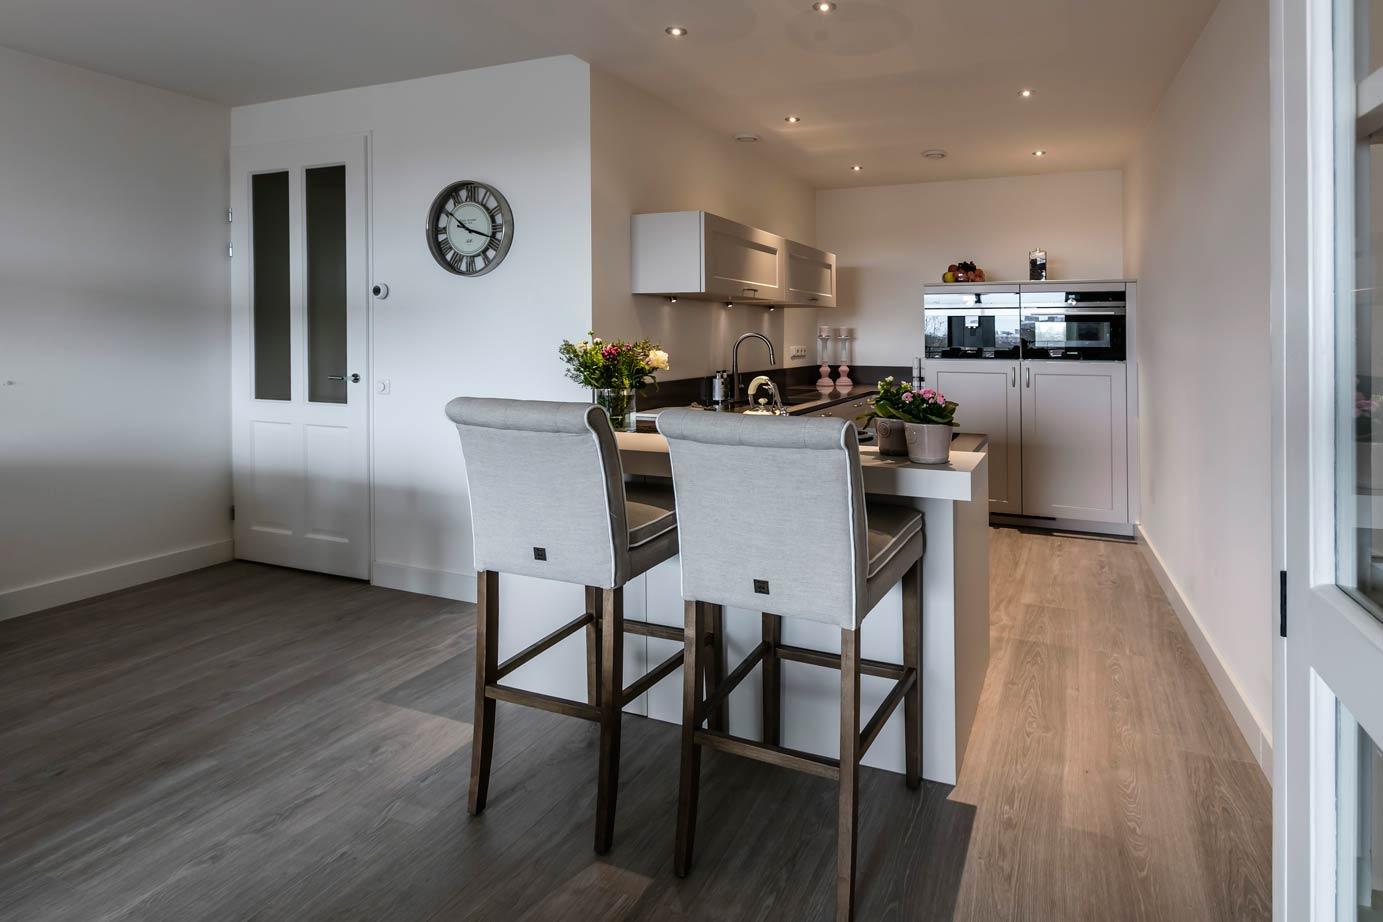 Landelijk Moderne Keukens : Modern landelijke keuken kopen in diemen voorkom miskoop keur